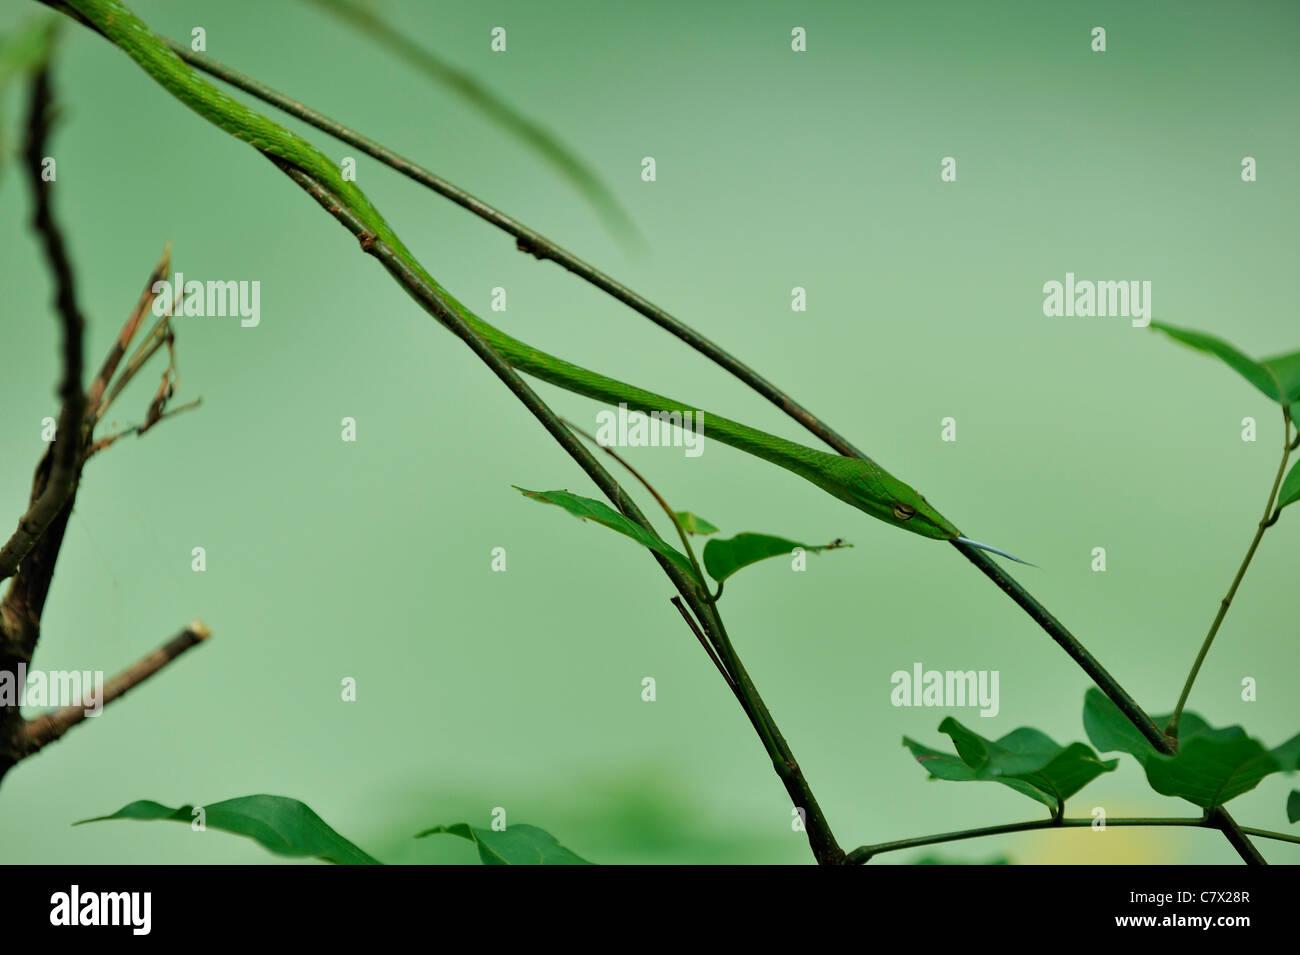 Ahaetulla prasina, comúnmente conocida como la vid de Asia Oriental o serpiente whipsnake, es un árbol generalizada serpiente encontrada en Asia Foto de stock